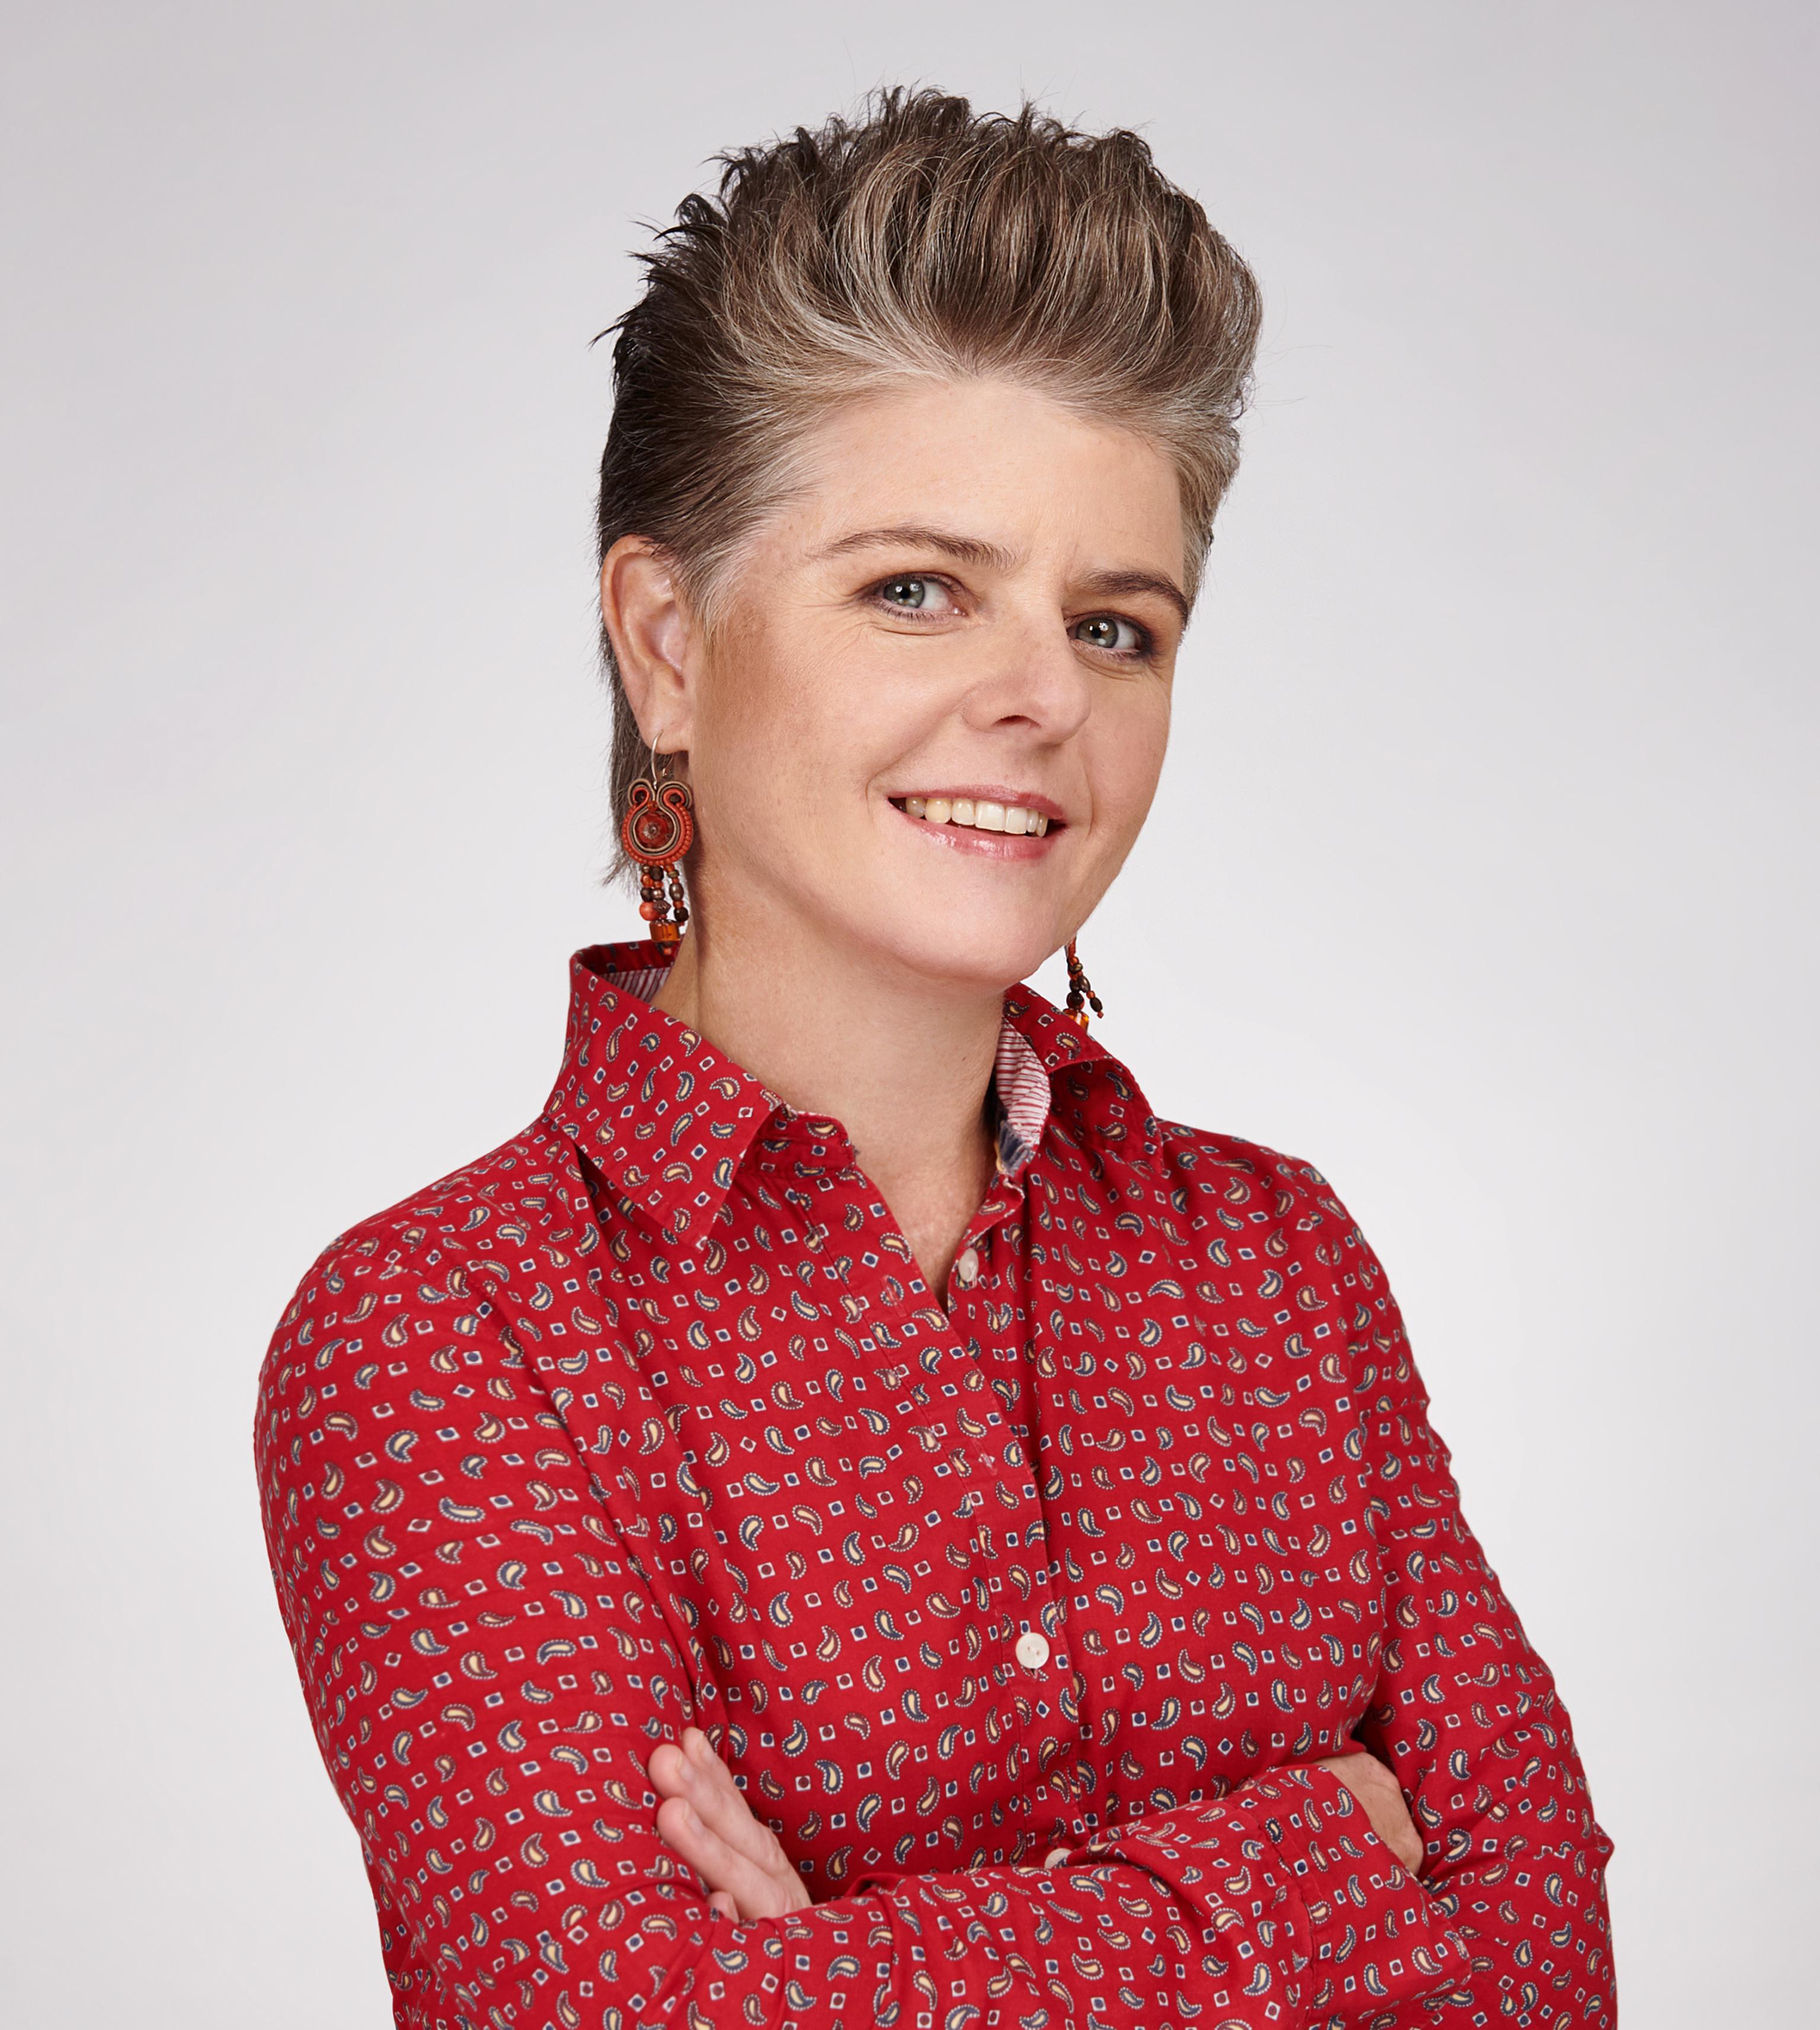 Sylwia Kozłowska - Dyrektor Pionu Ubezpieczeń Odpowiedzialności Cywilnej, Willis Towers Watson Polska Broker ubezpieczeniowy